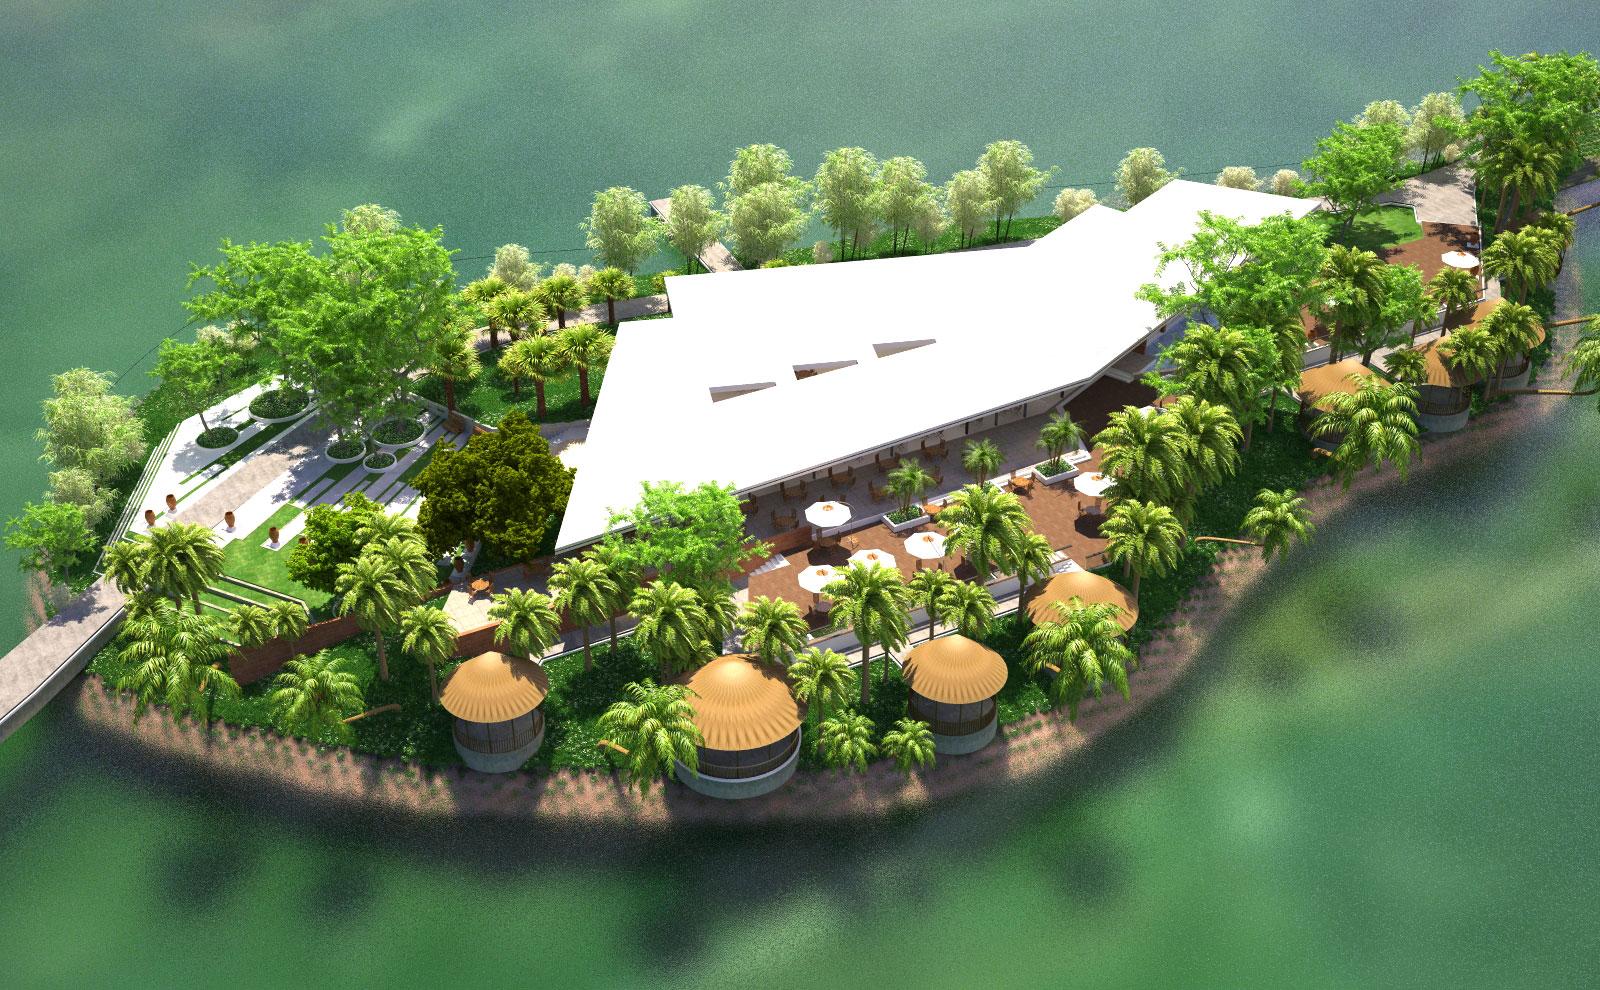 Địa điểm du lịch gần Hà Nội TRONG NGÀY được ưa thích nhất